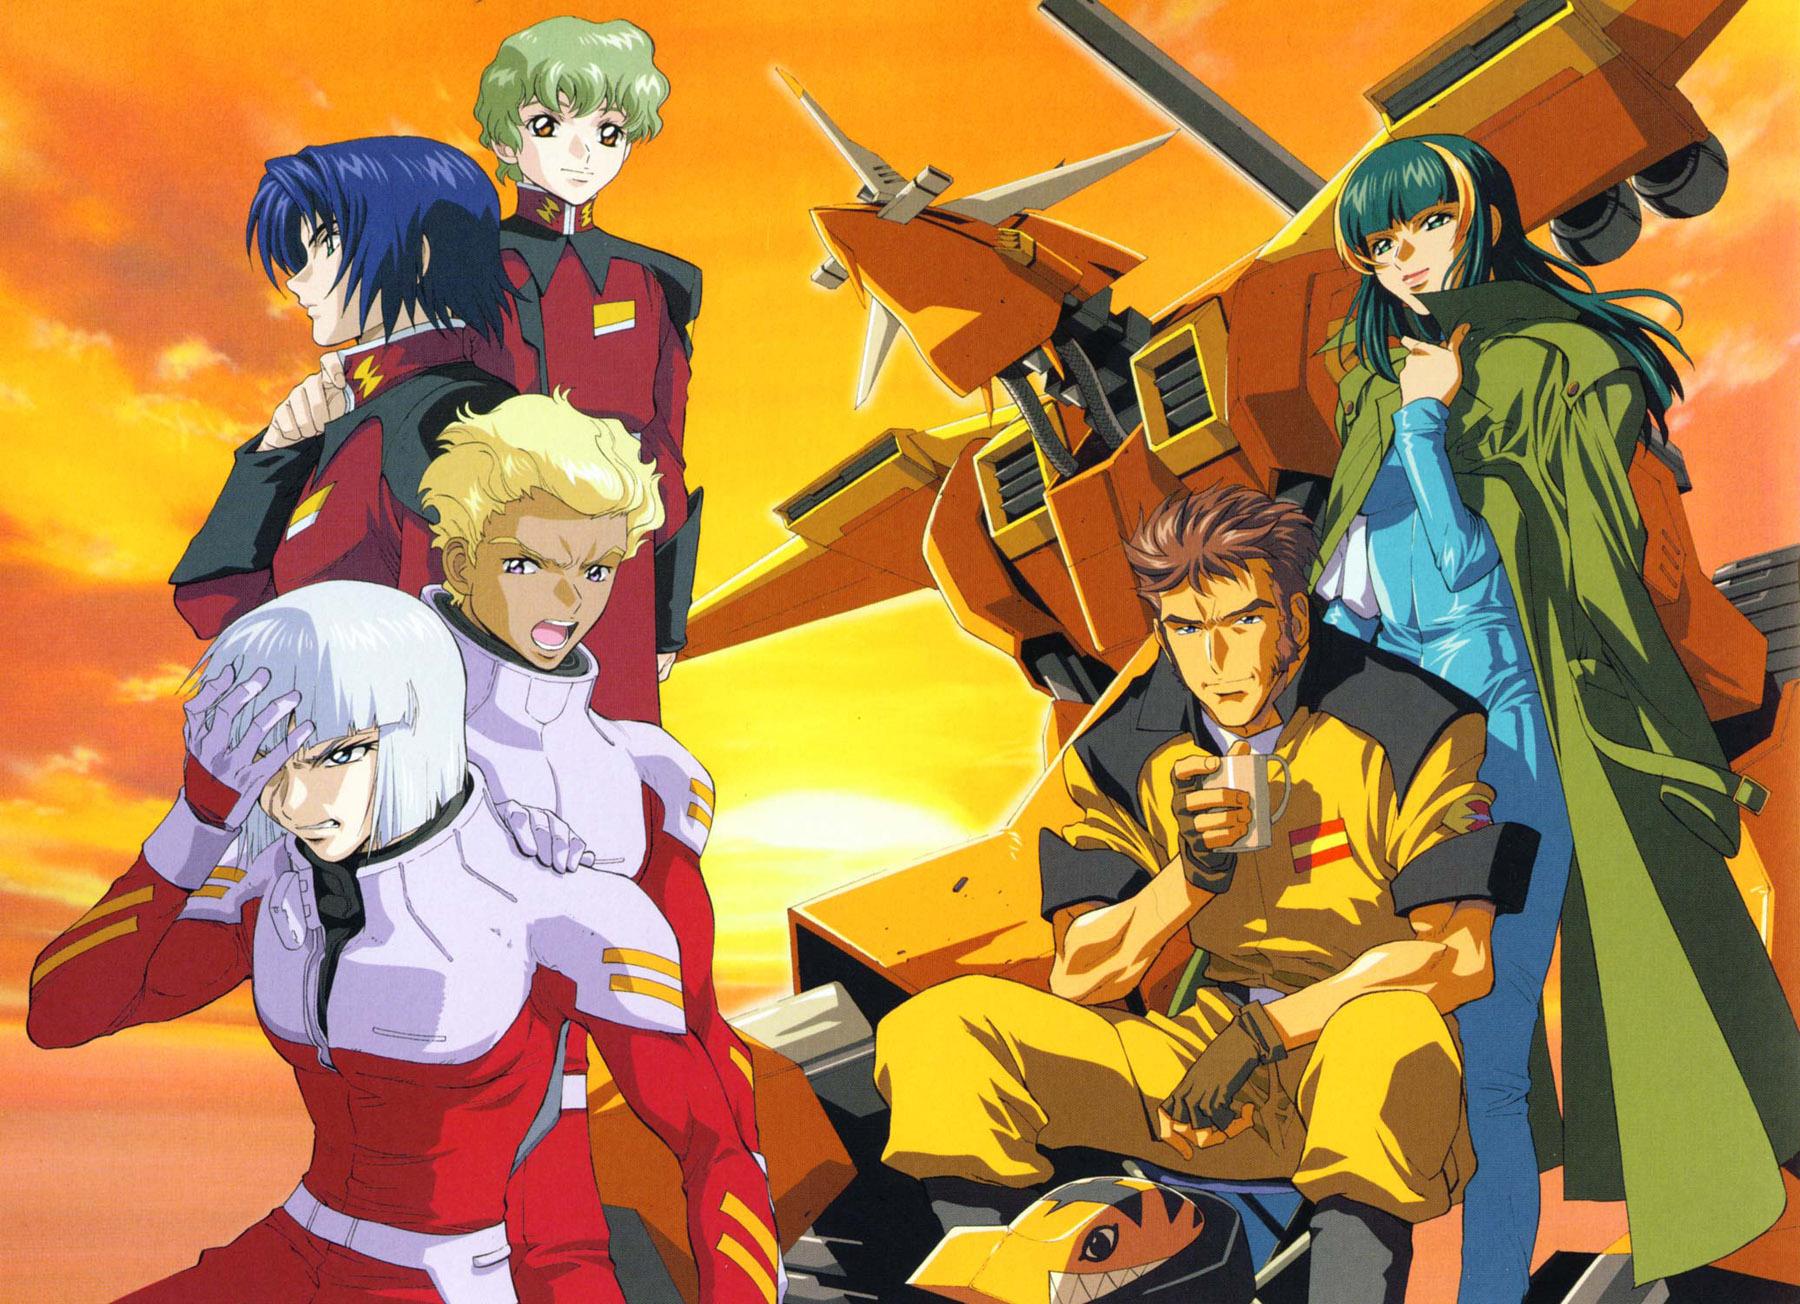 Mobile Suit Gundam SEED Image #24385 - Zerochan Anime Image Board